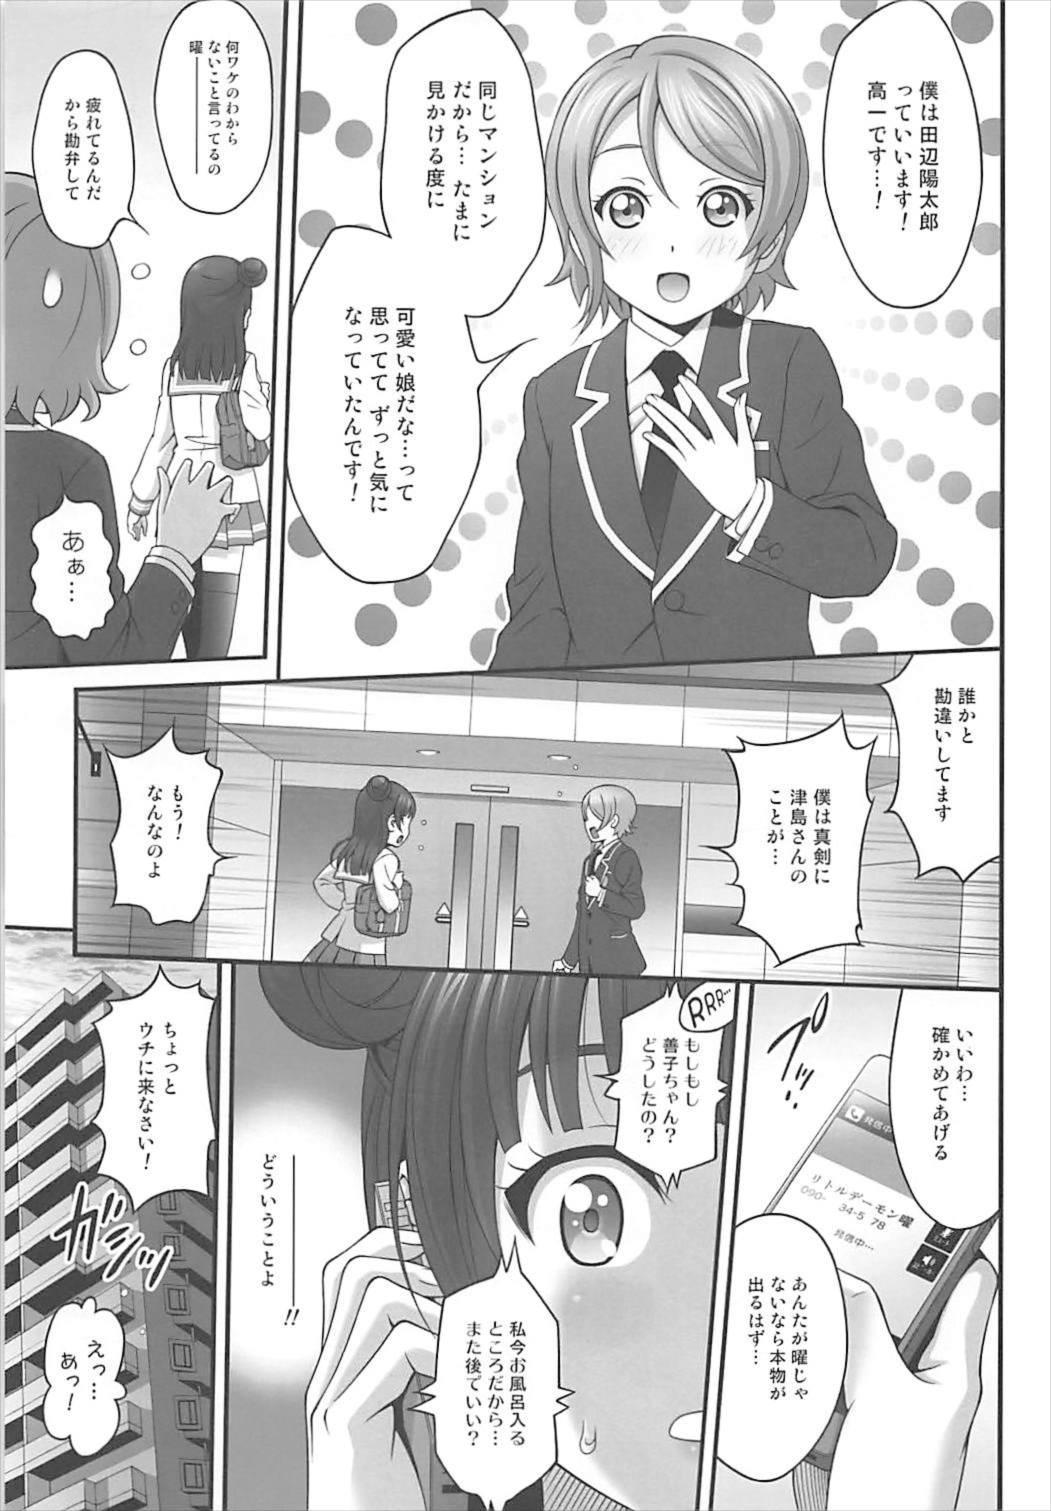 Himitsu no Yoshiko-chan 3